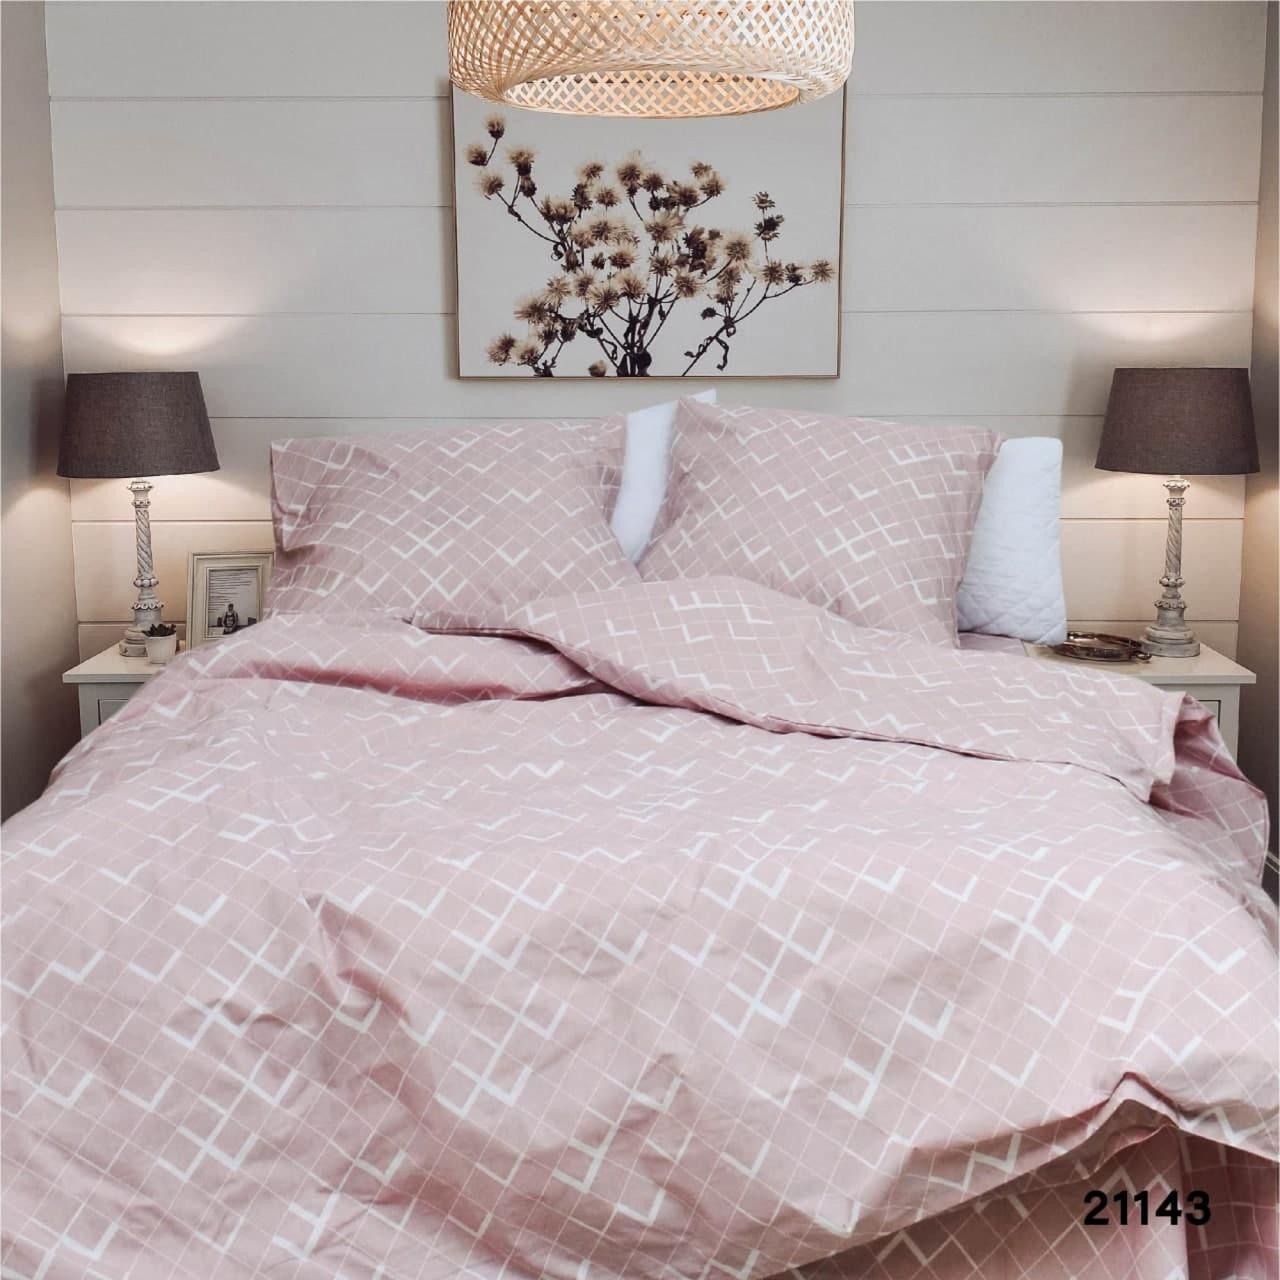 Комплект постельного белья двухспальный ранфорс 21143